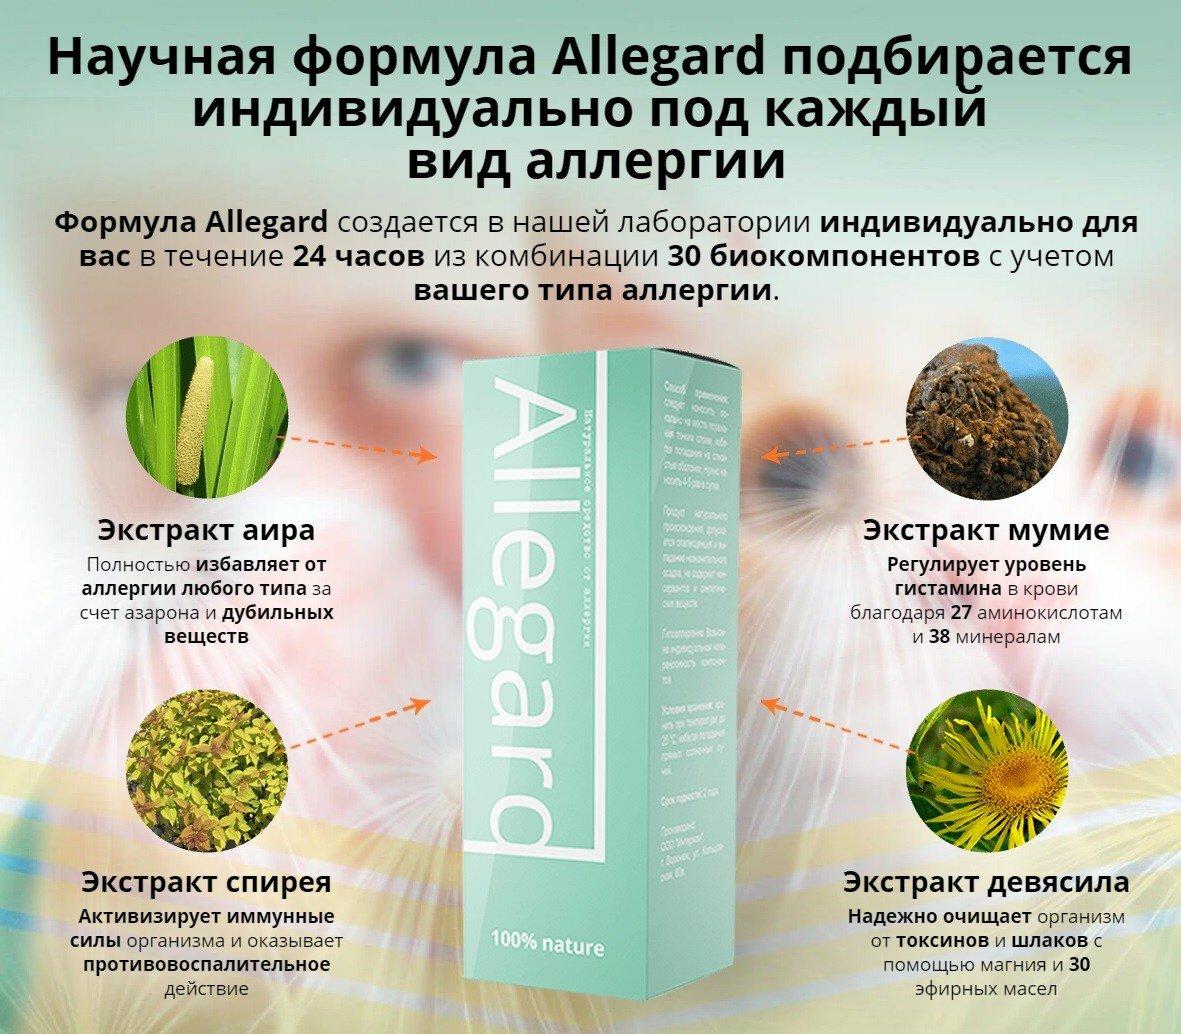 Allegard от аллергии в Запорожье